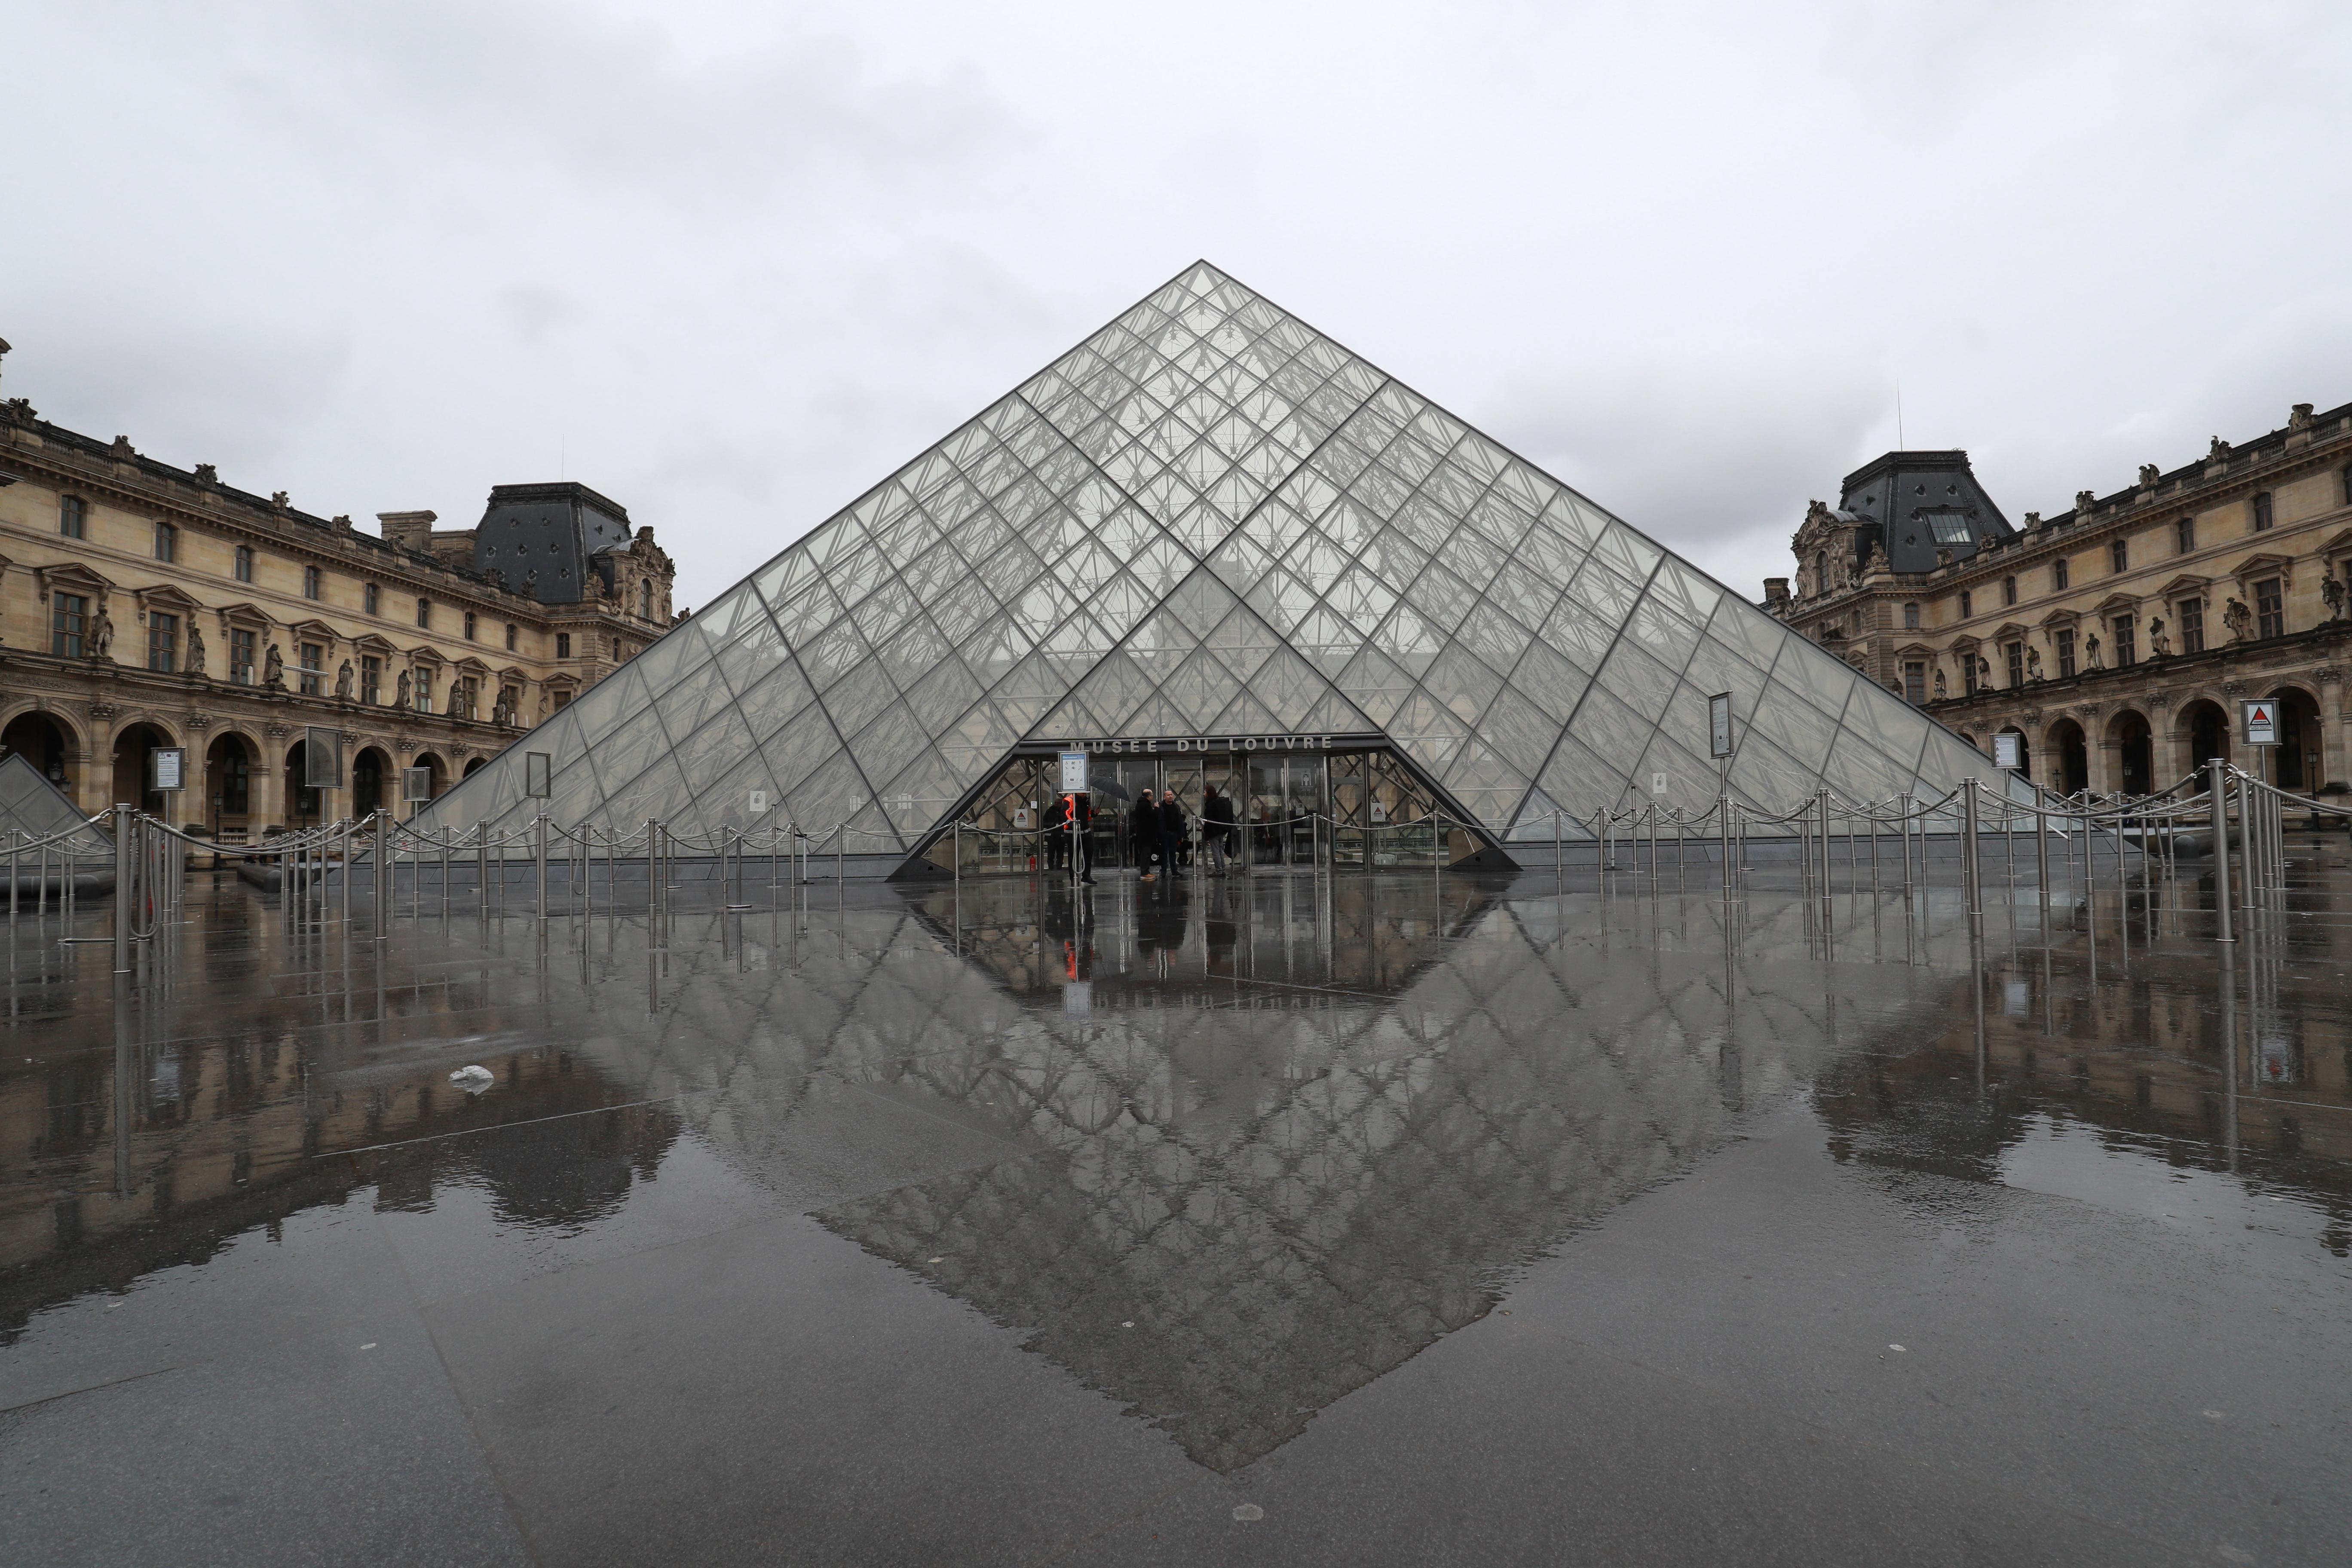 El cierre del Museo dejó vacía la plaza (AFP)